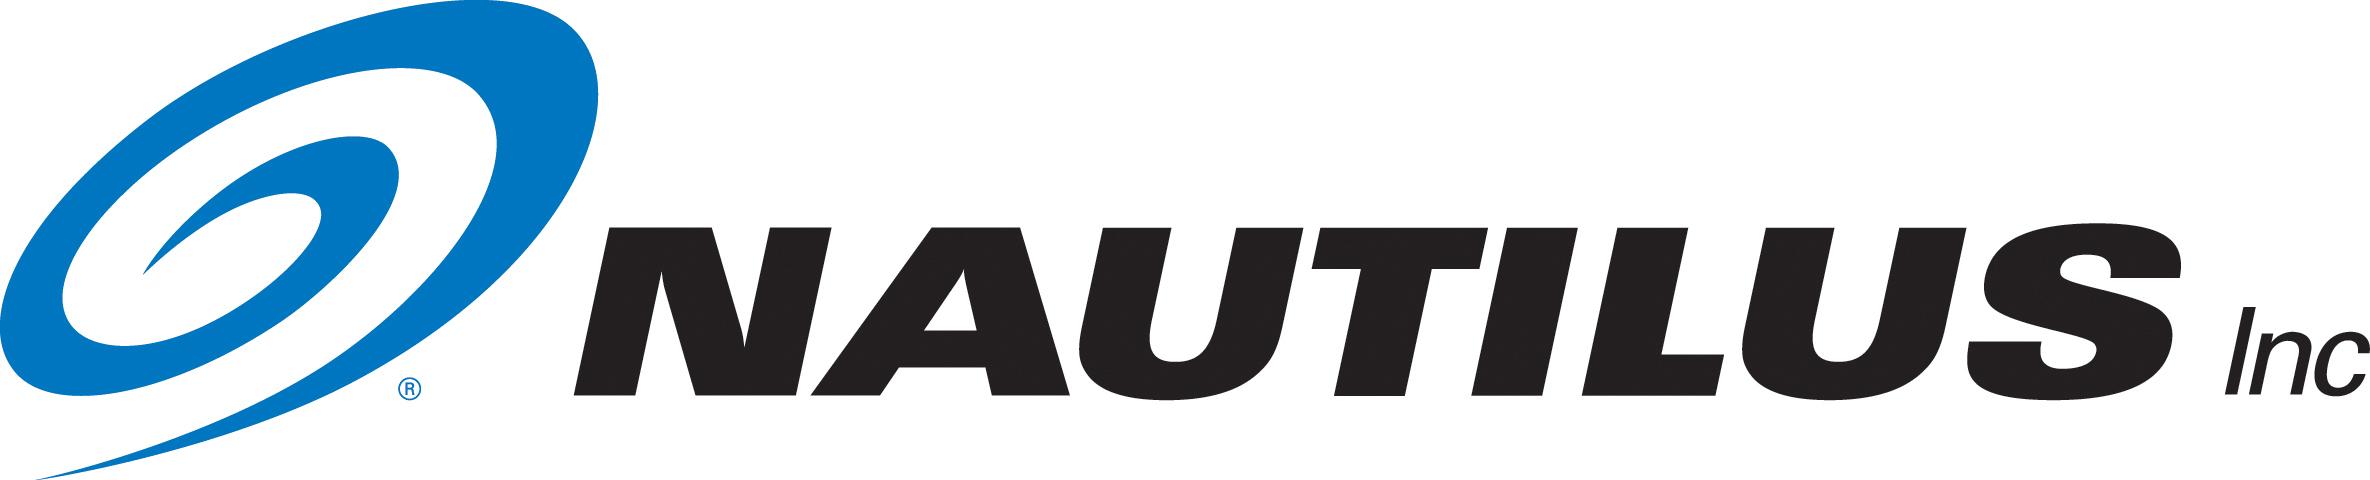 Nautilis, Inc.